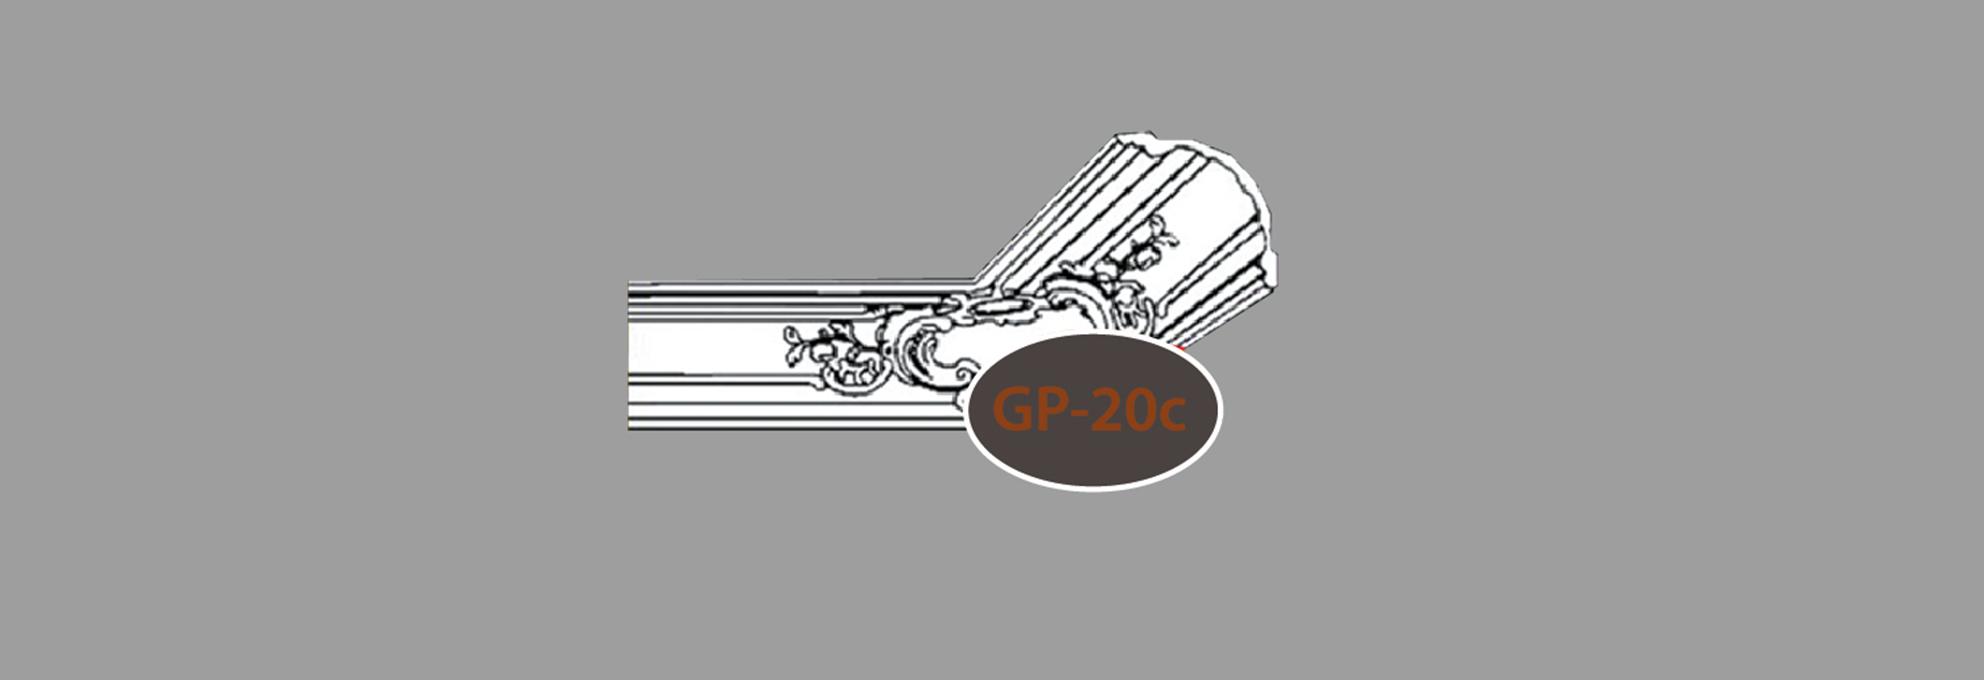 GP 20-C EK